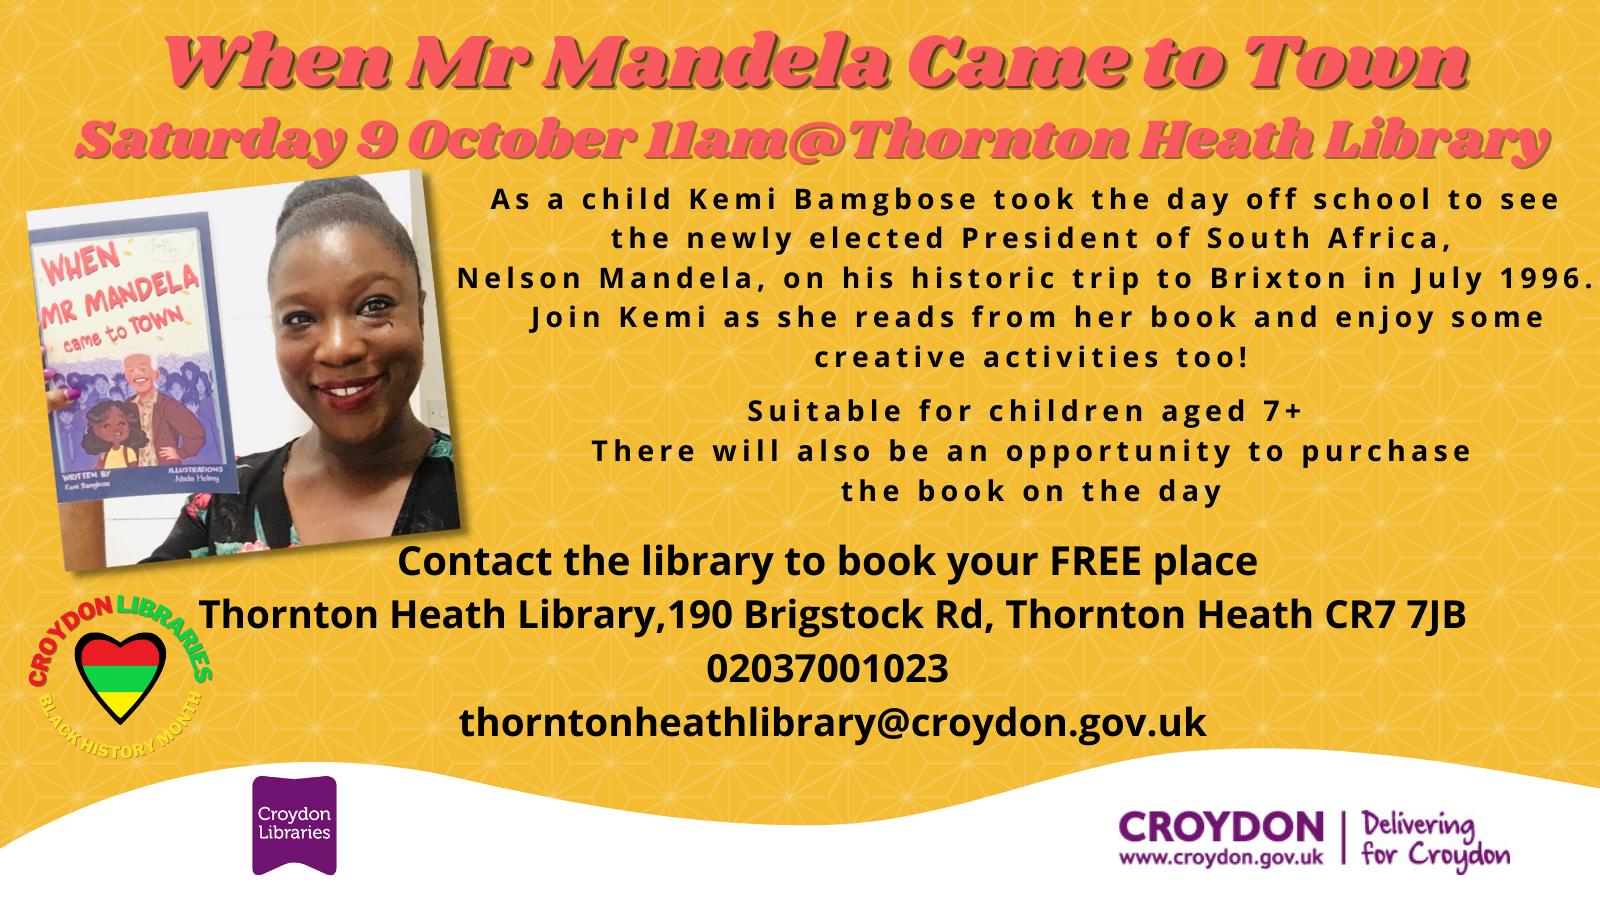 When Mr Mandela Came to Town schools invite